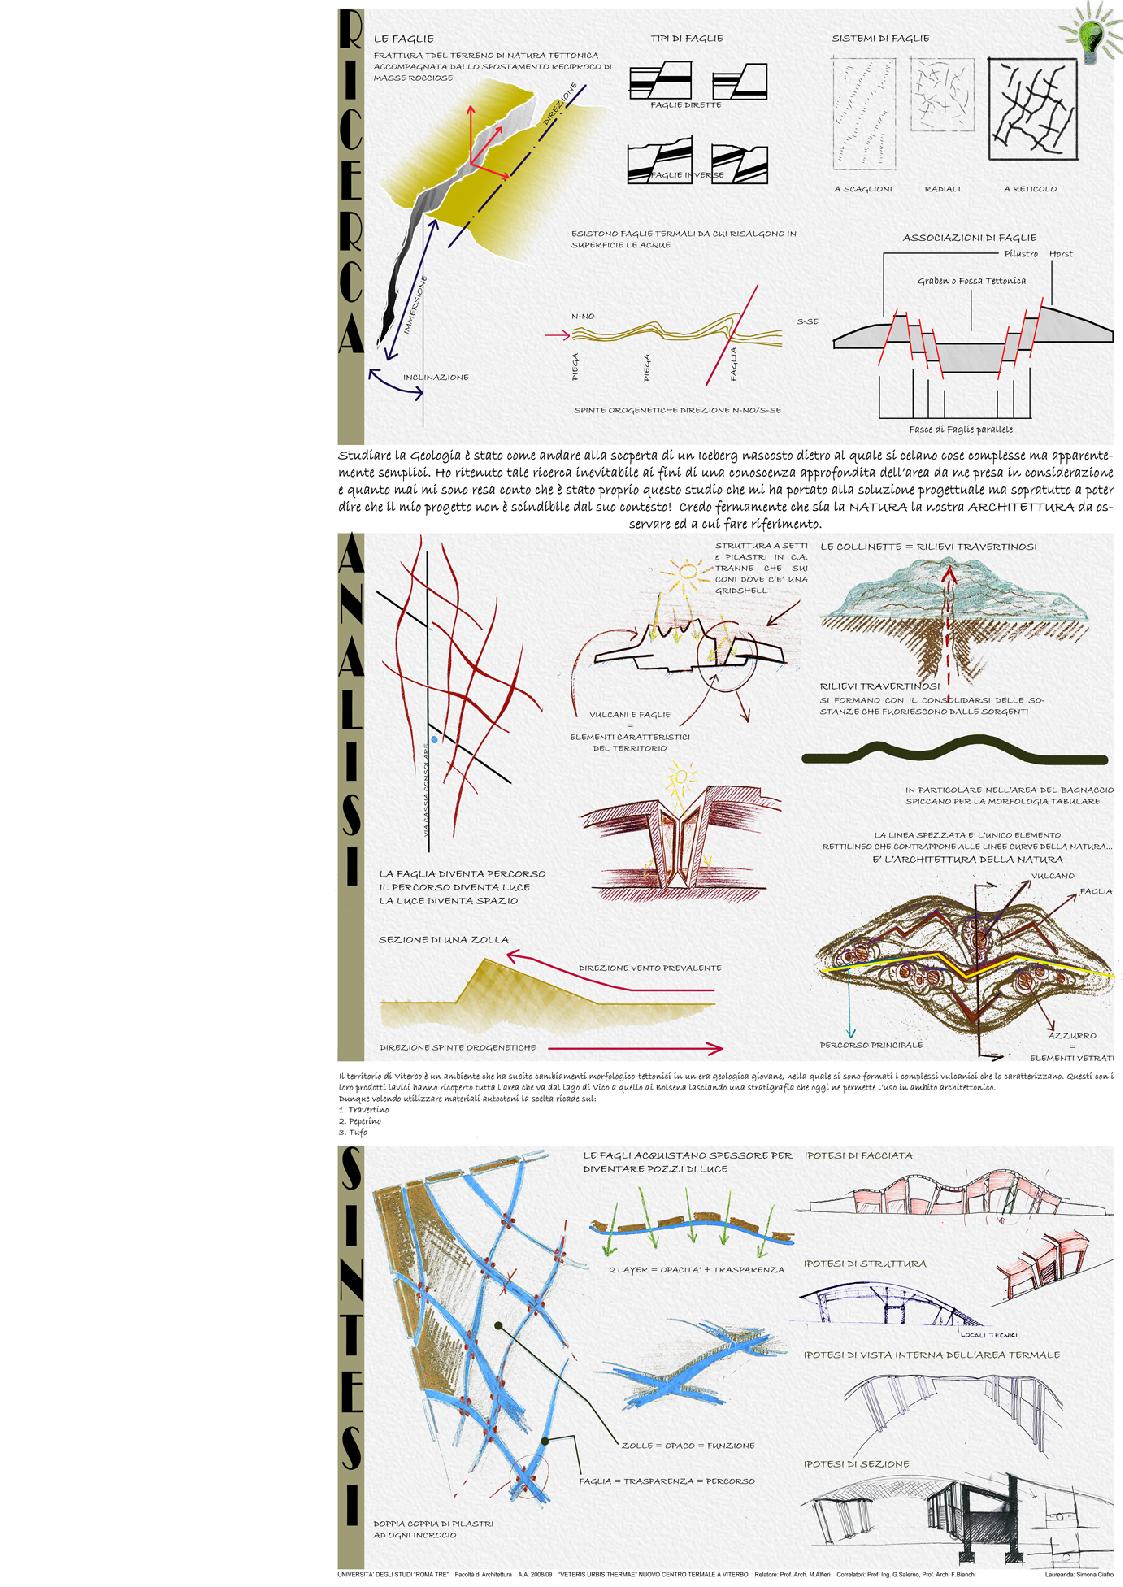 Anteprima della tesi: Veteris Urbis Thermae - Nuovo centro termale a Viterbo, Pagina 1